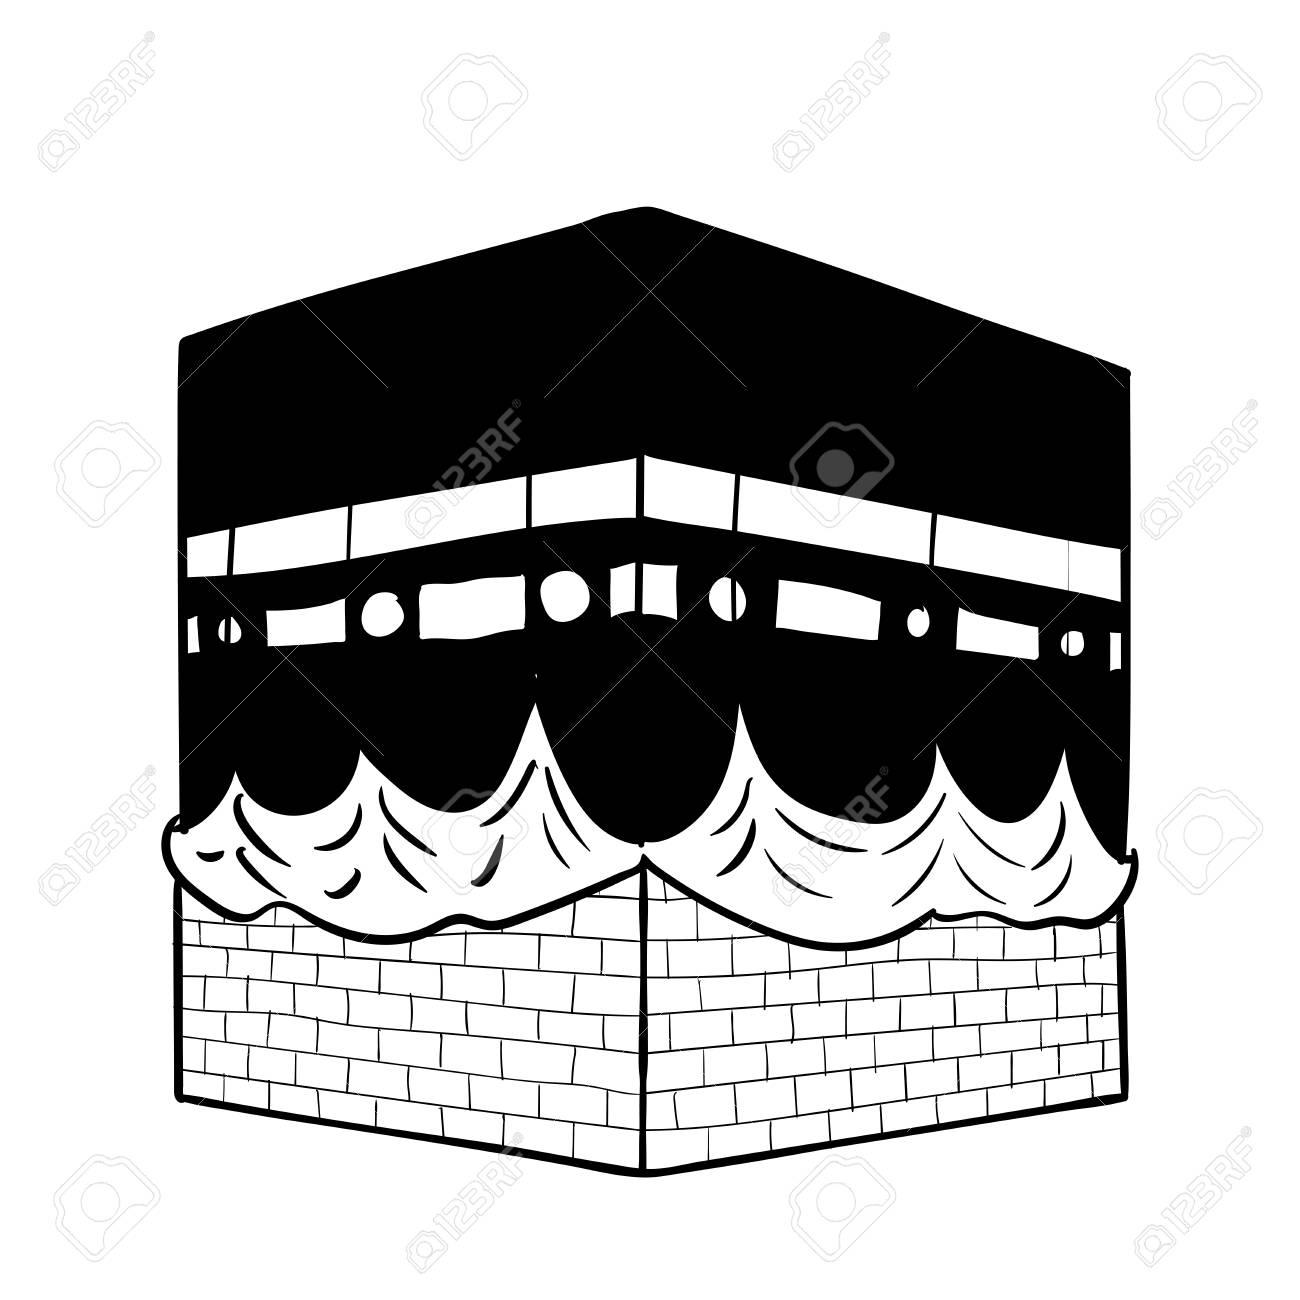 Dibujo A Mano Kaaba De La Meca, Aislado Sobre Fondo Blanco. Línea ...